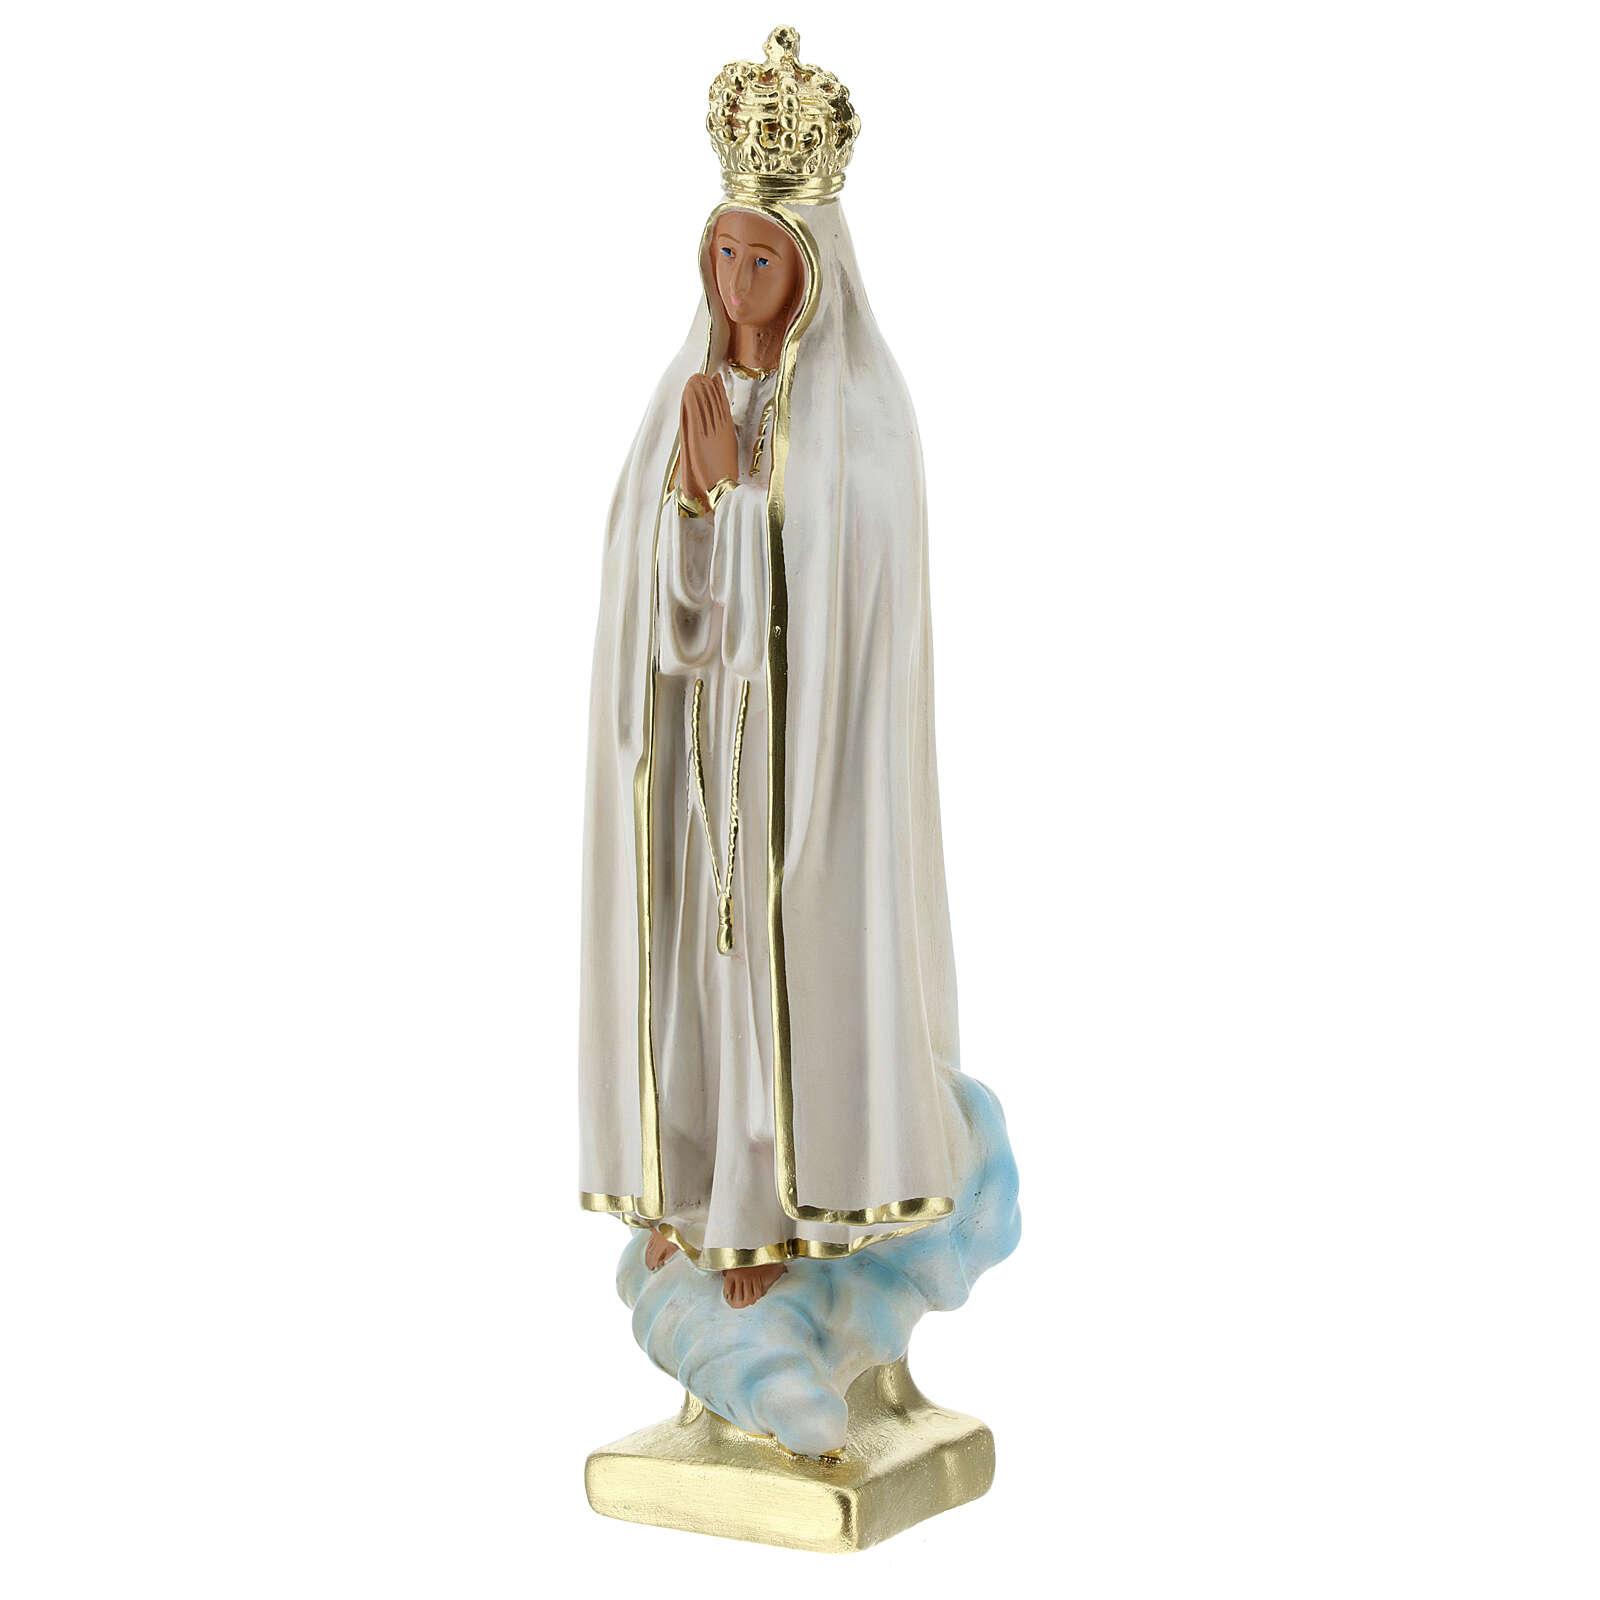 Madonna Fatima 25 cm statua gesso colorata a mano Barsanti 4